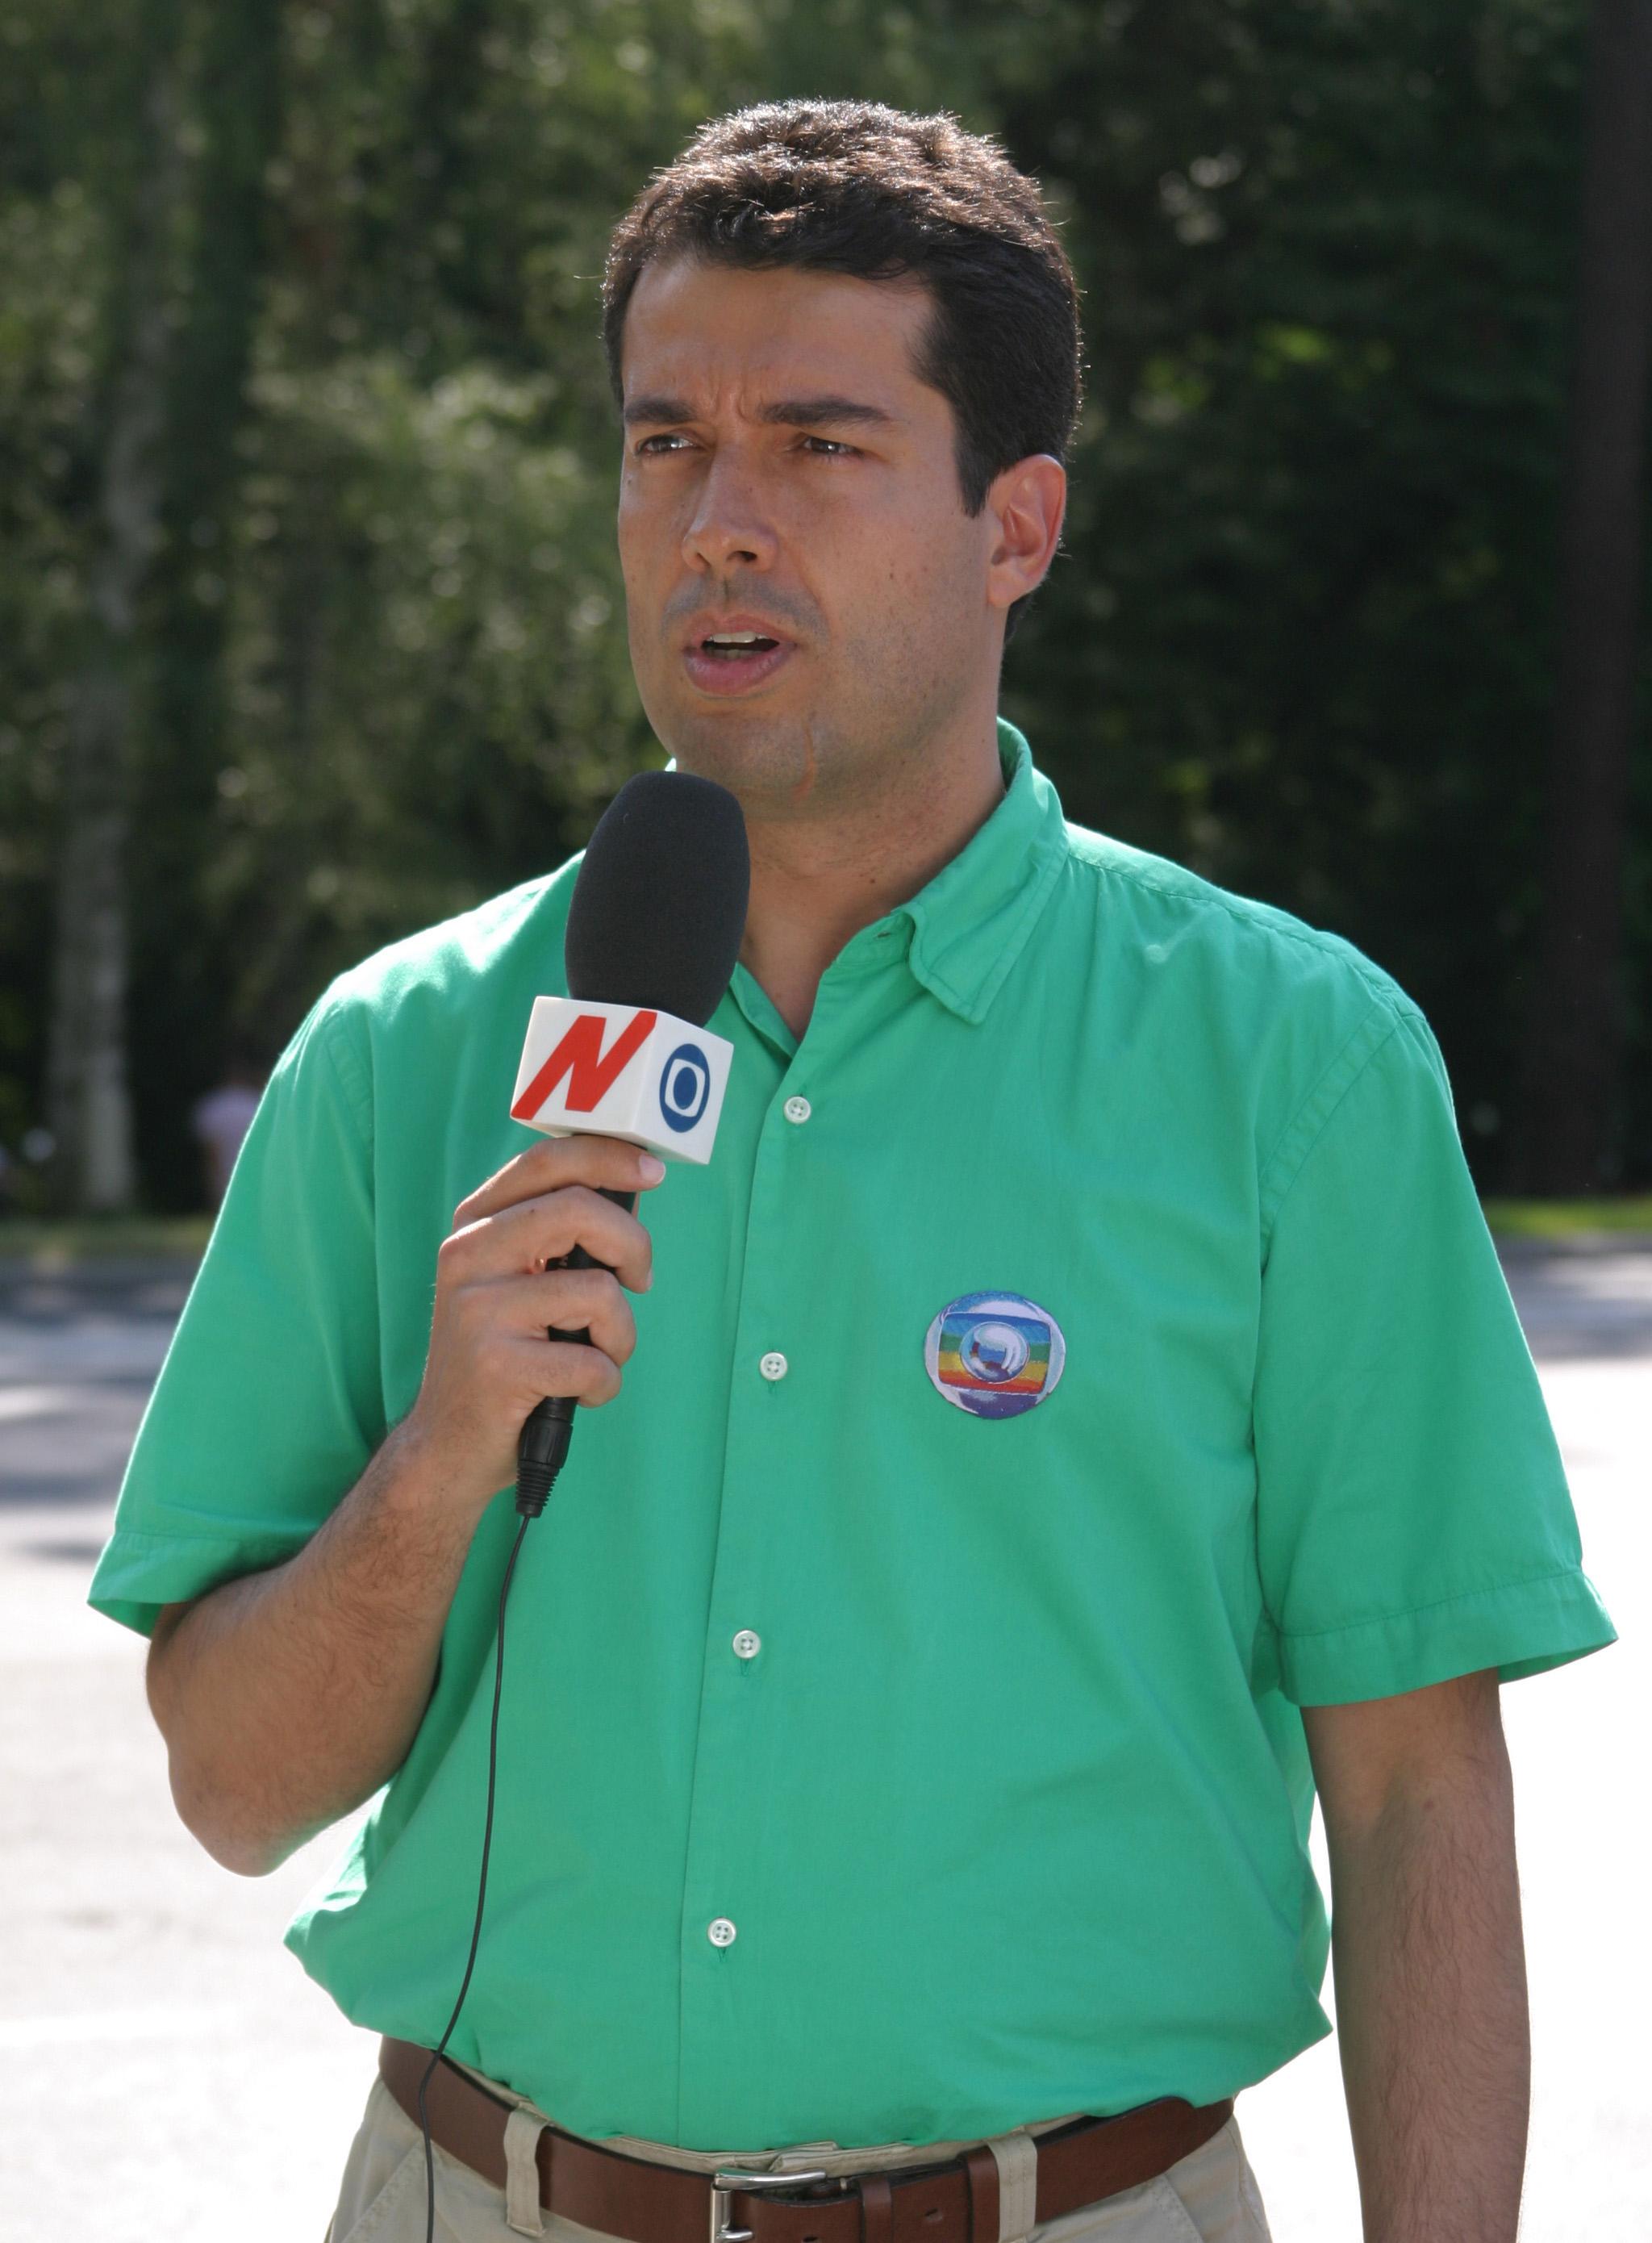 André é conhecido como repórter e apresentador de TV